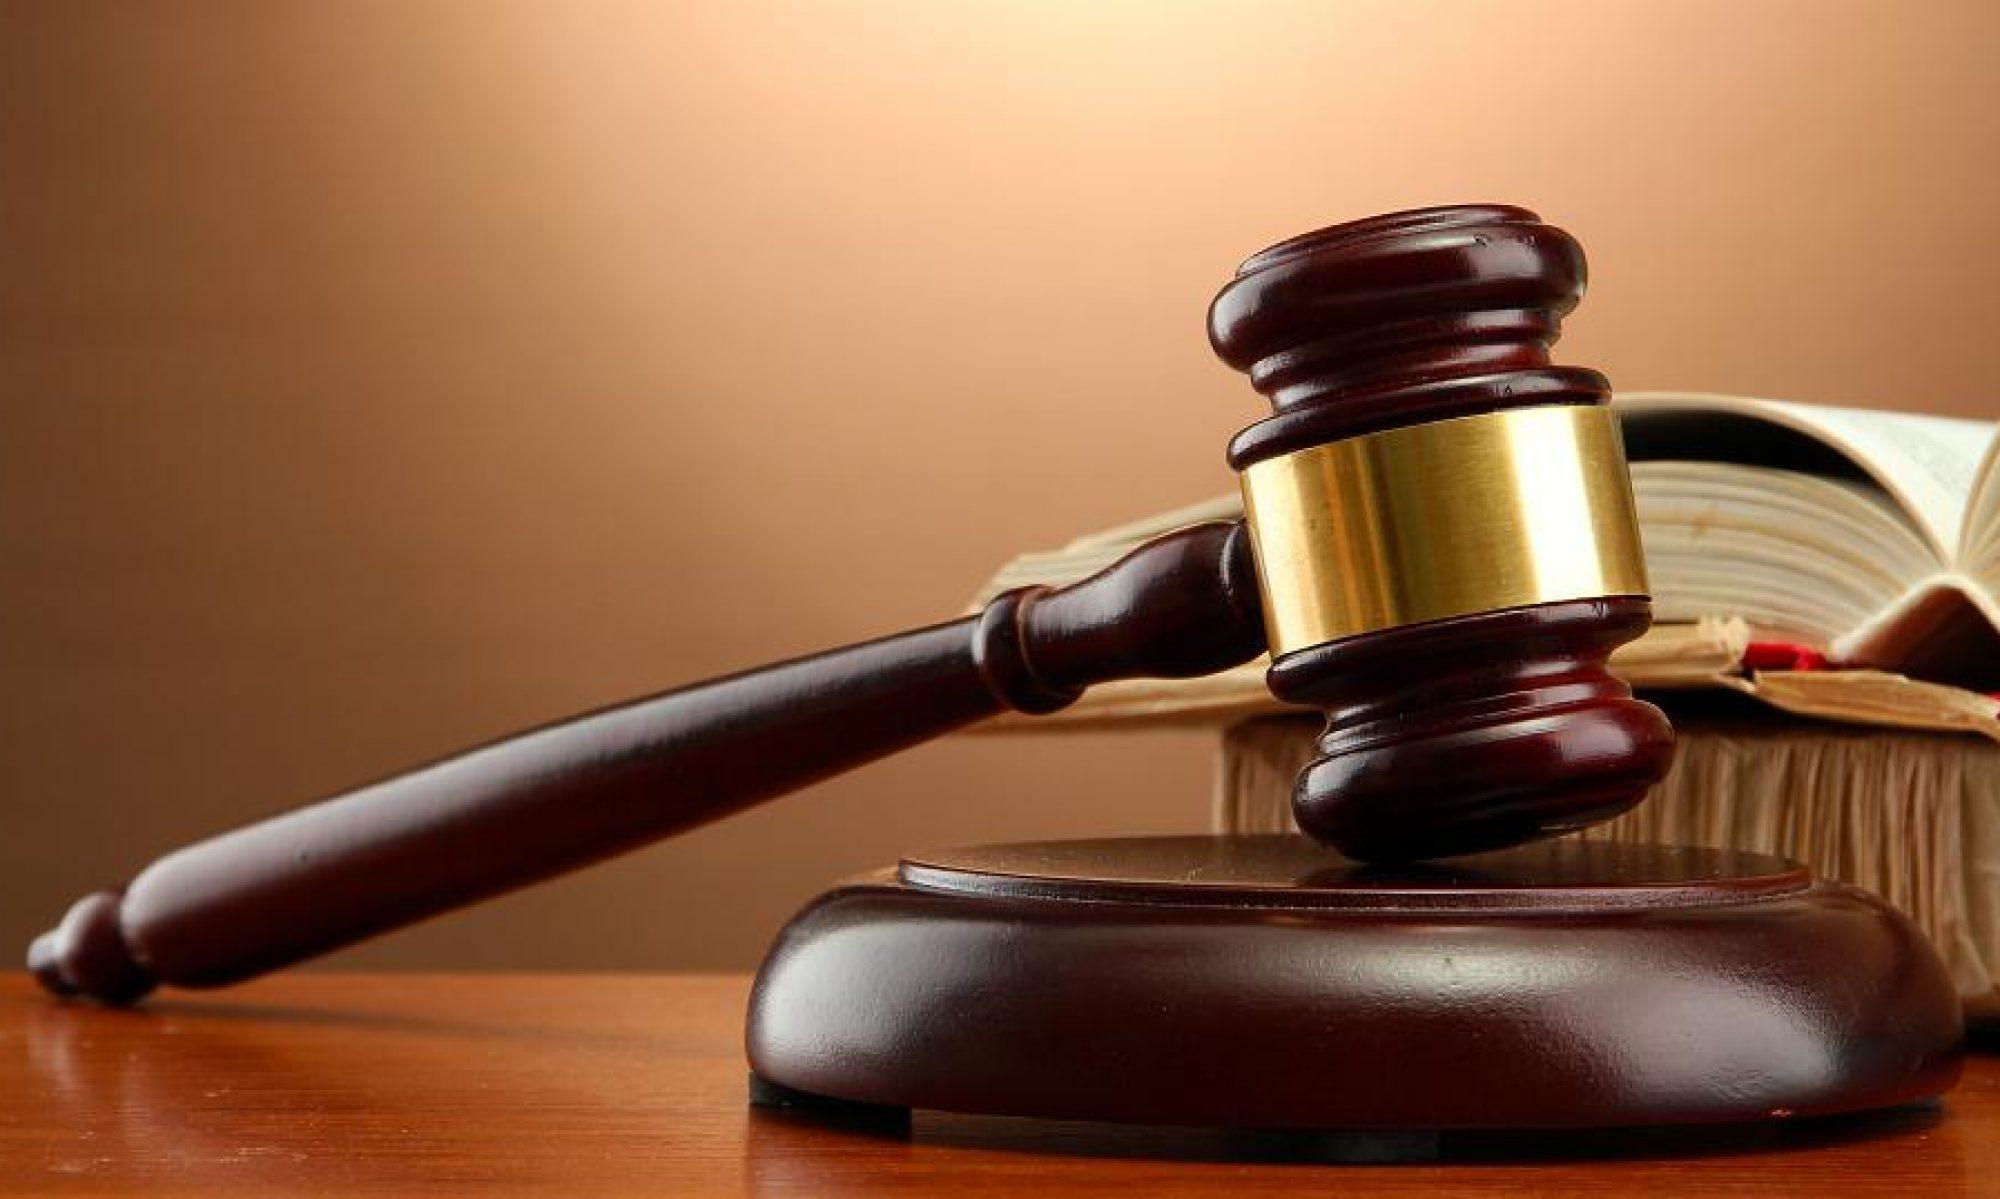 7x4 Legal Services